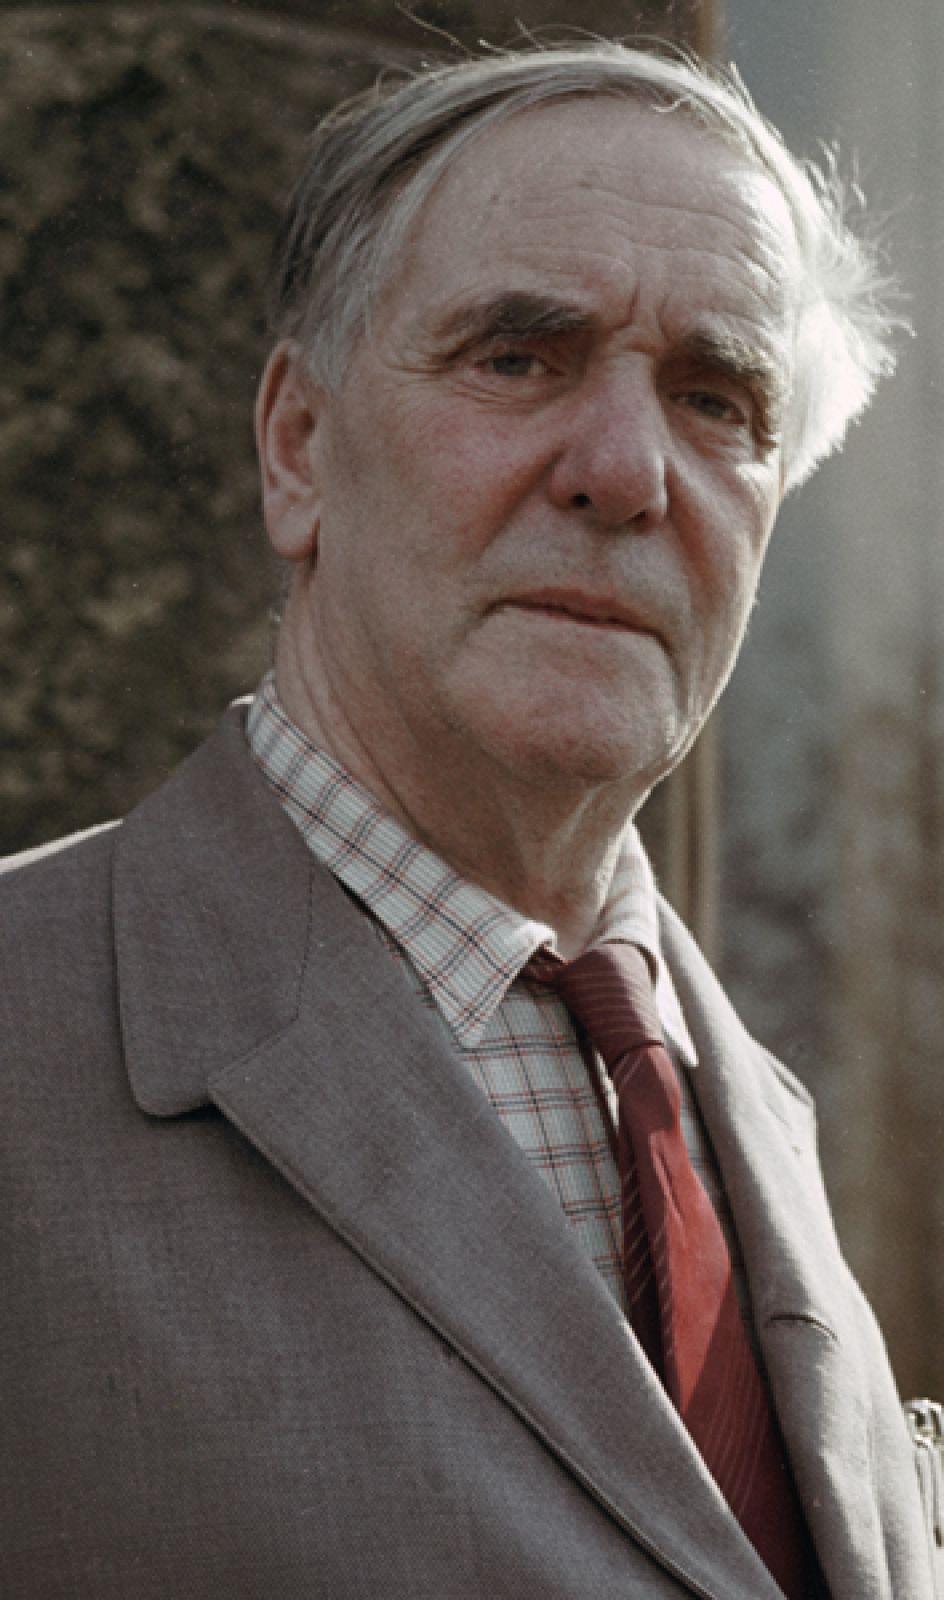 1978 год, Пётр Леонидович Капица. Нобелевская премия по физике «за его базовые исследования и открытия в физике низких температур».